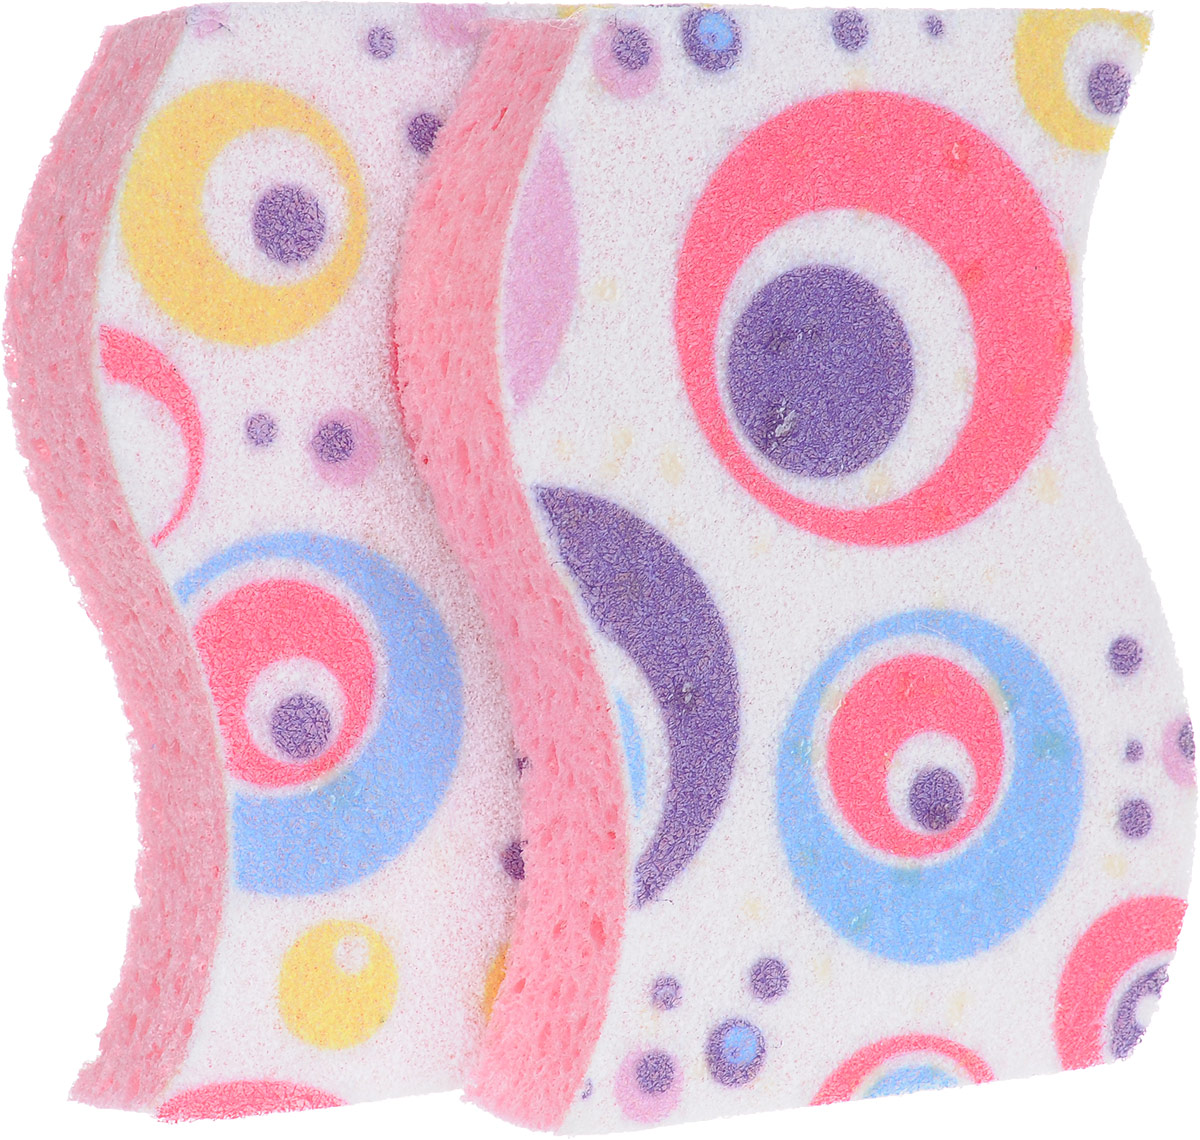 Набор губок Rozenbal, для ванной, цвет: розовый, фиолетовый, белый, 2 шт smoby стульчик сидение для ванной cotoons цвет розовый